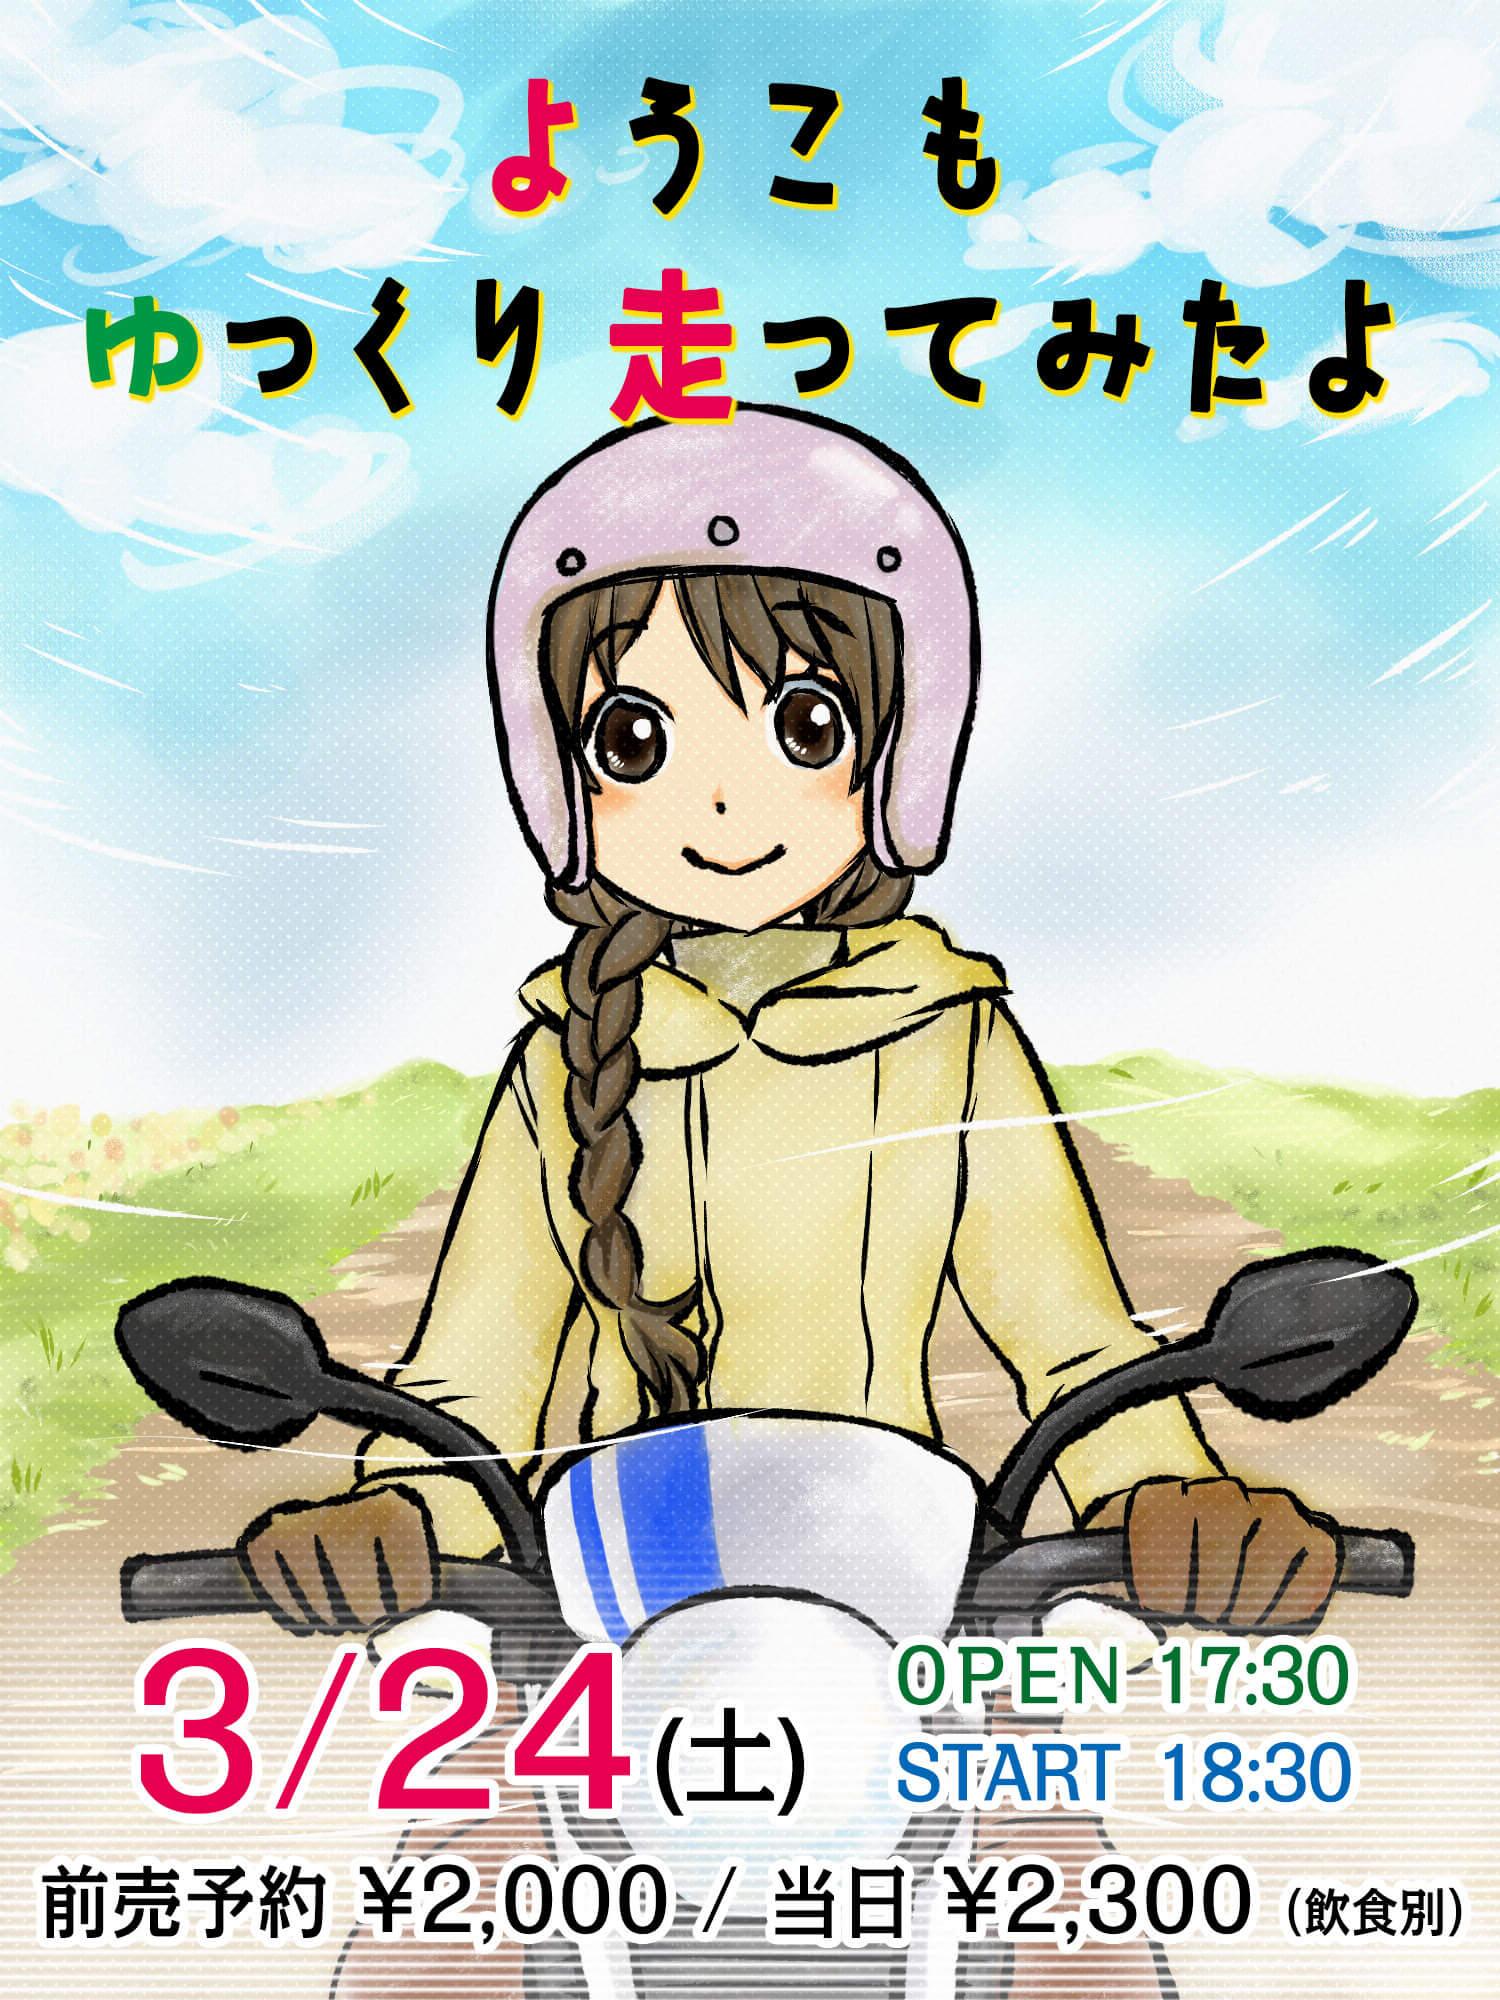 女子バイクトークライブイベント東京